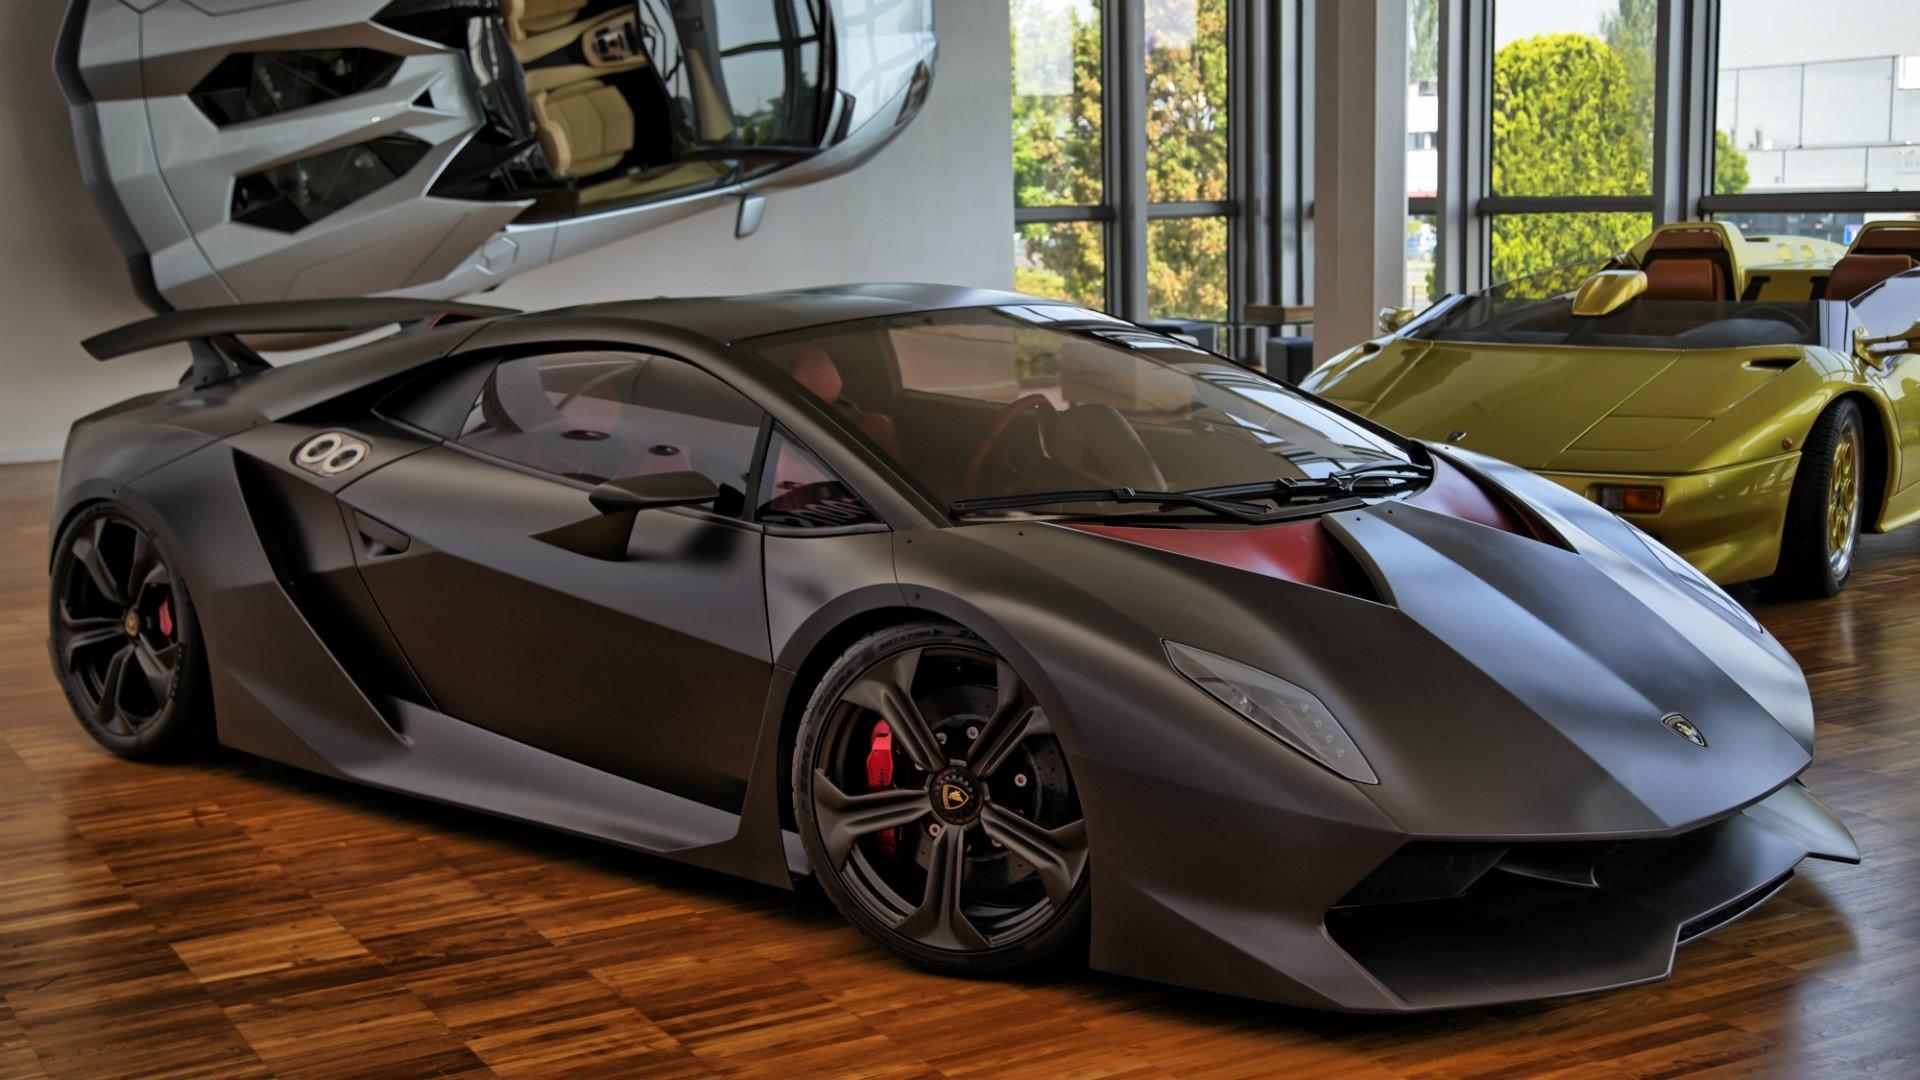 Lamborghini Sesto Elemento Concept 1920x1200